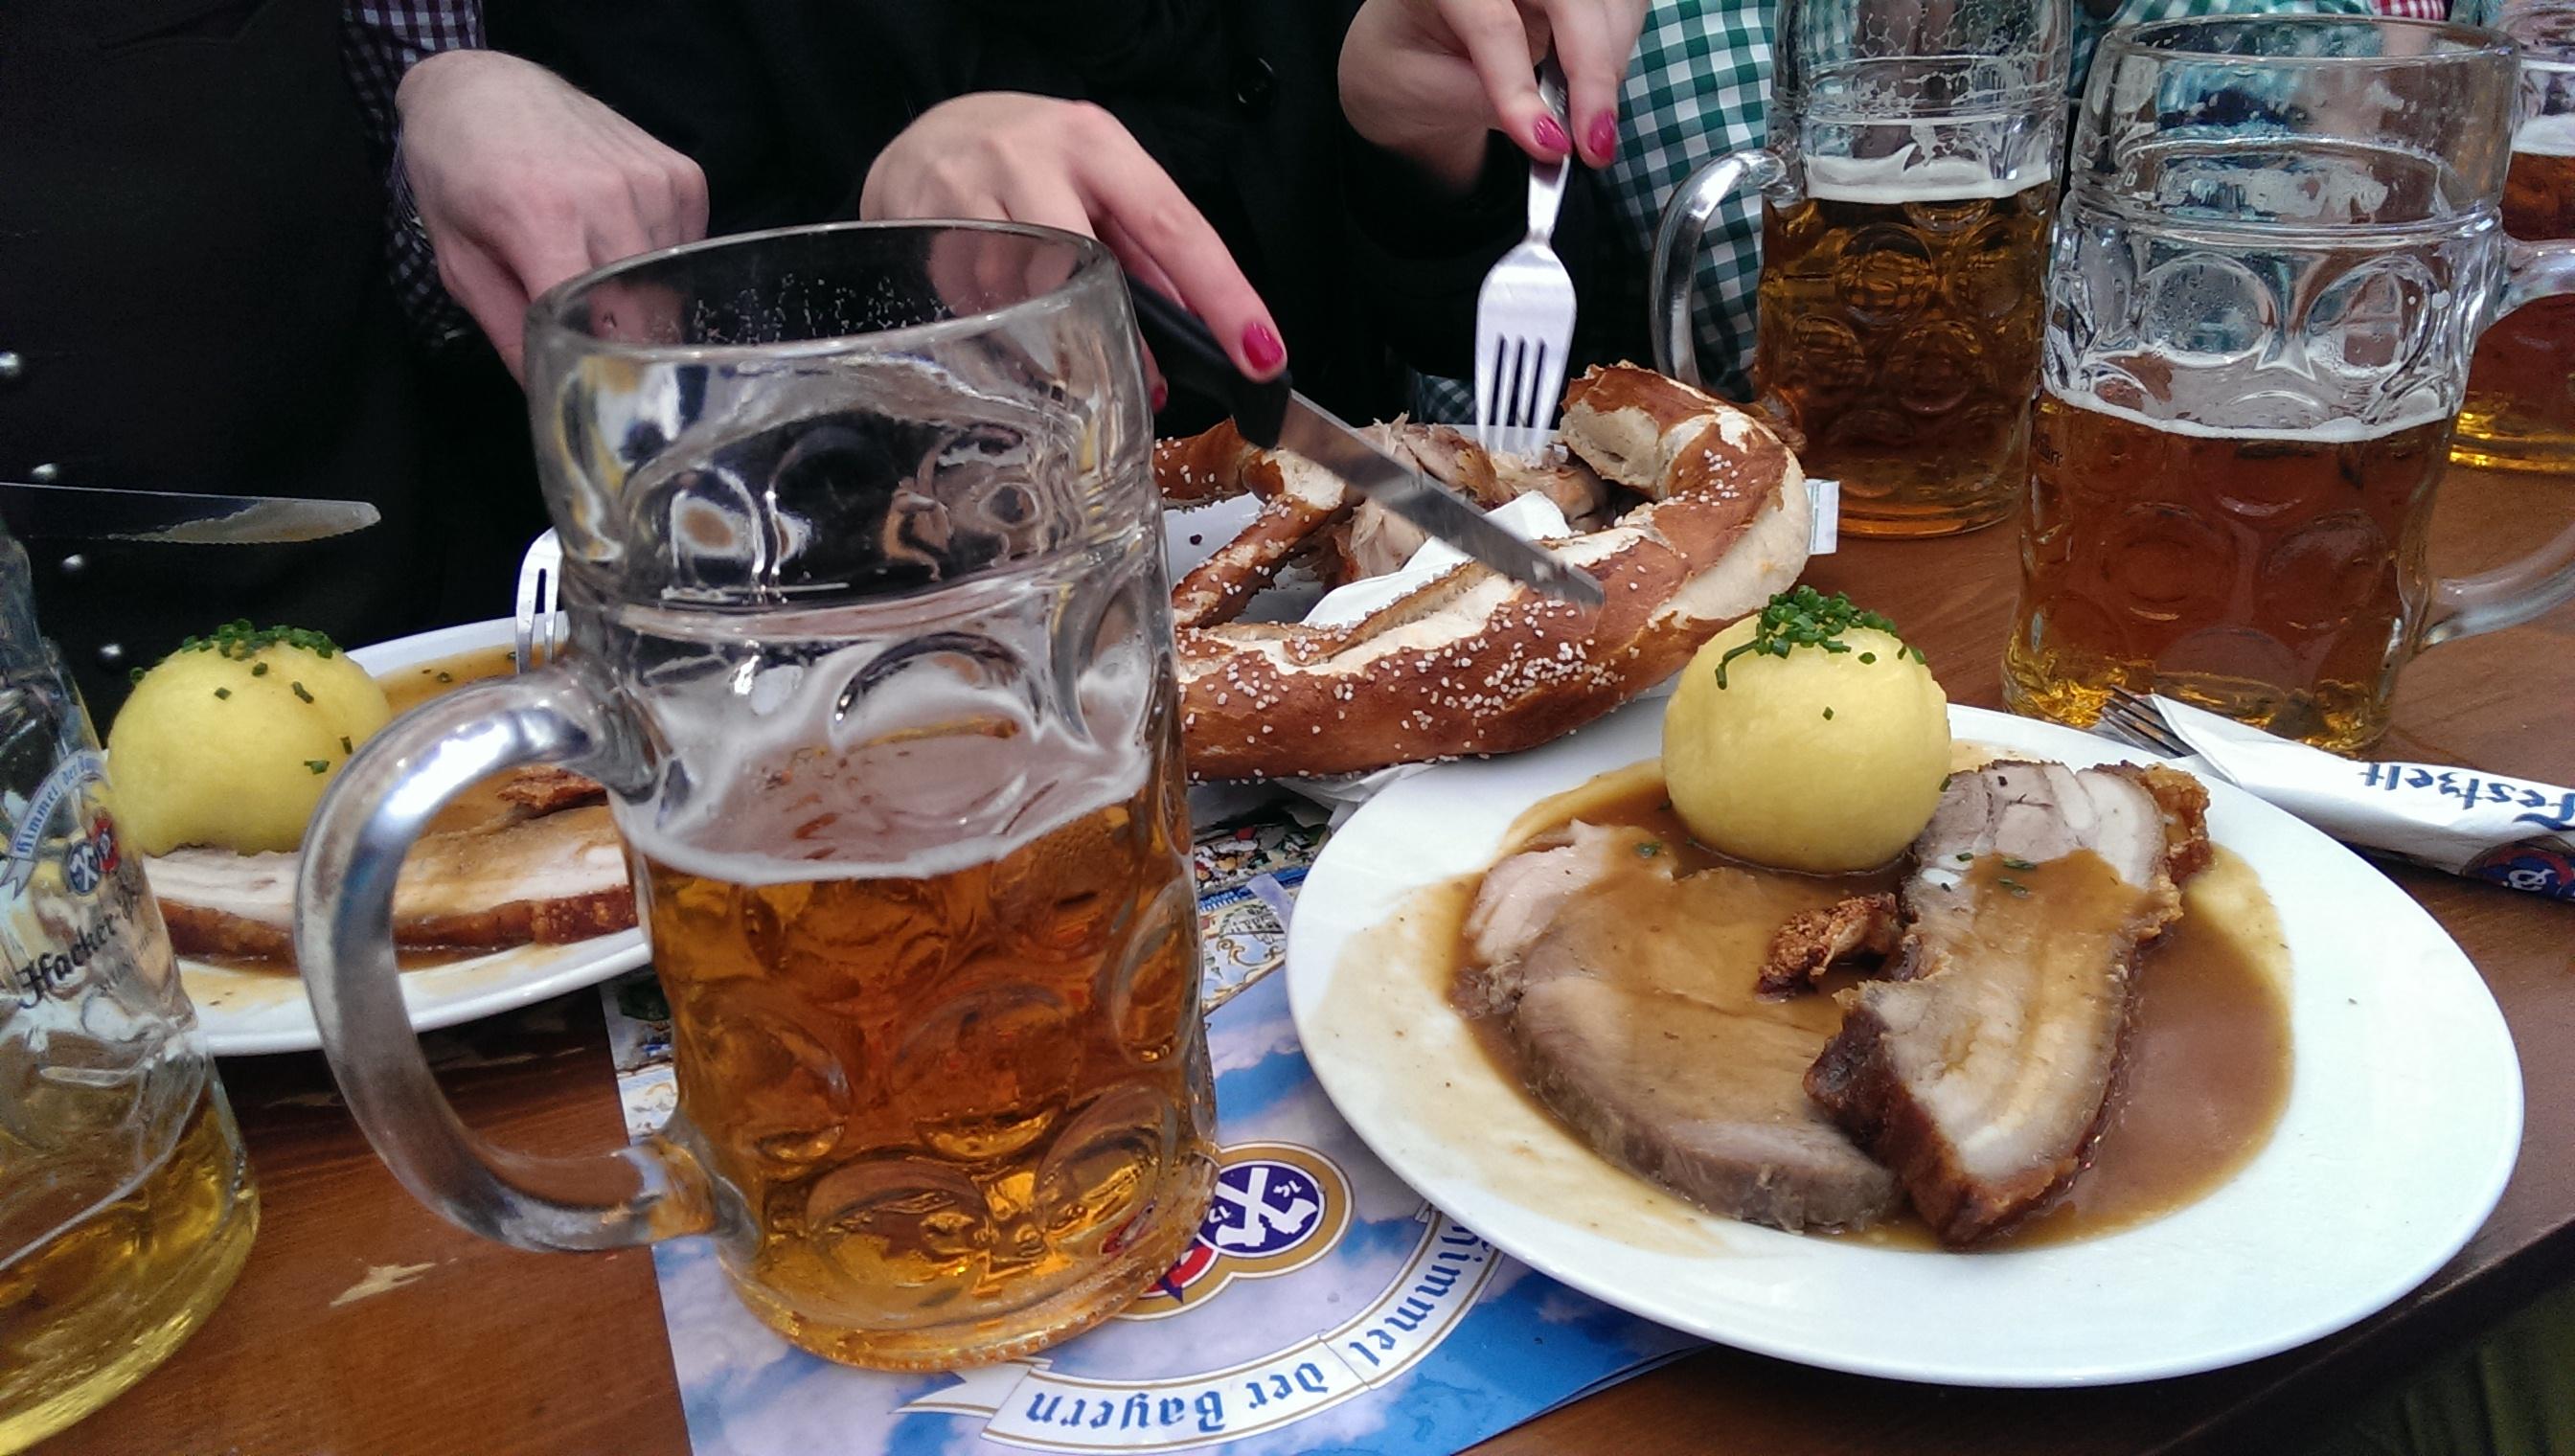 Dobra przejdźmy do jedzenia. Na moim talerzu jest szynka oraz boczek pieczone i polane sosem do tego knedel ziemniaczany. Na talerzu obok jest tradycyjny niemiecki precel - ogromny i baaardzo słony, oraz połówka pieczonego kurczaka. Kurczak to chyba najczęściej zamawiane danie - około 10 euro, moje danie chyba kosztowało jakieś 14. Wszystko było tradycyjne, nie jakieś super wykwintne, ale smaczne.